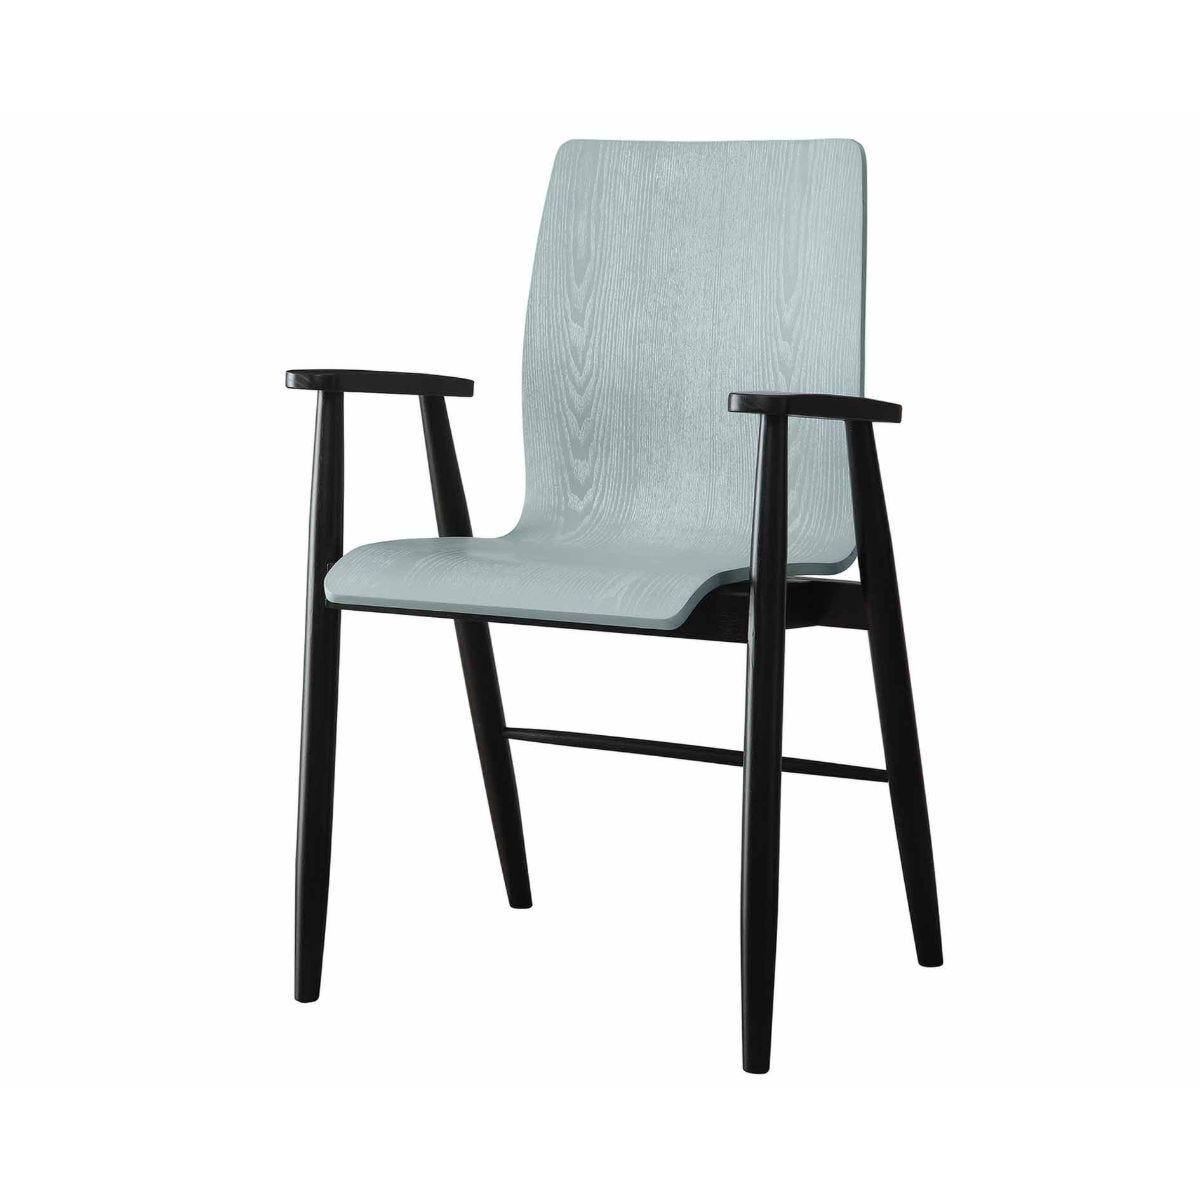 Jual Vienna Wooden Chair Grey